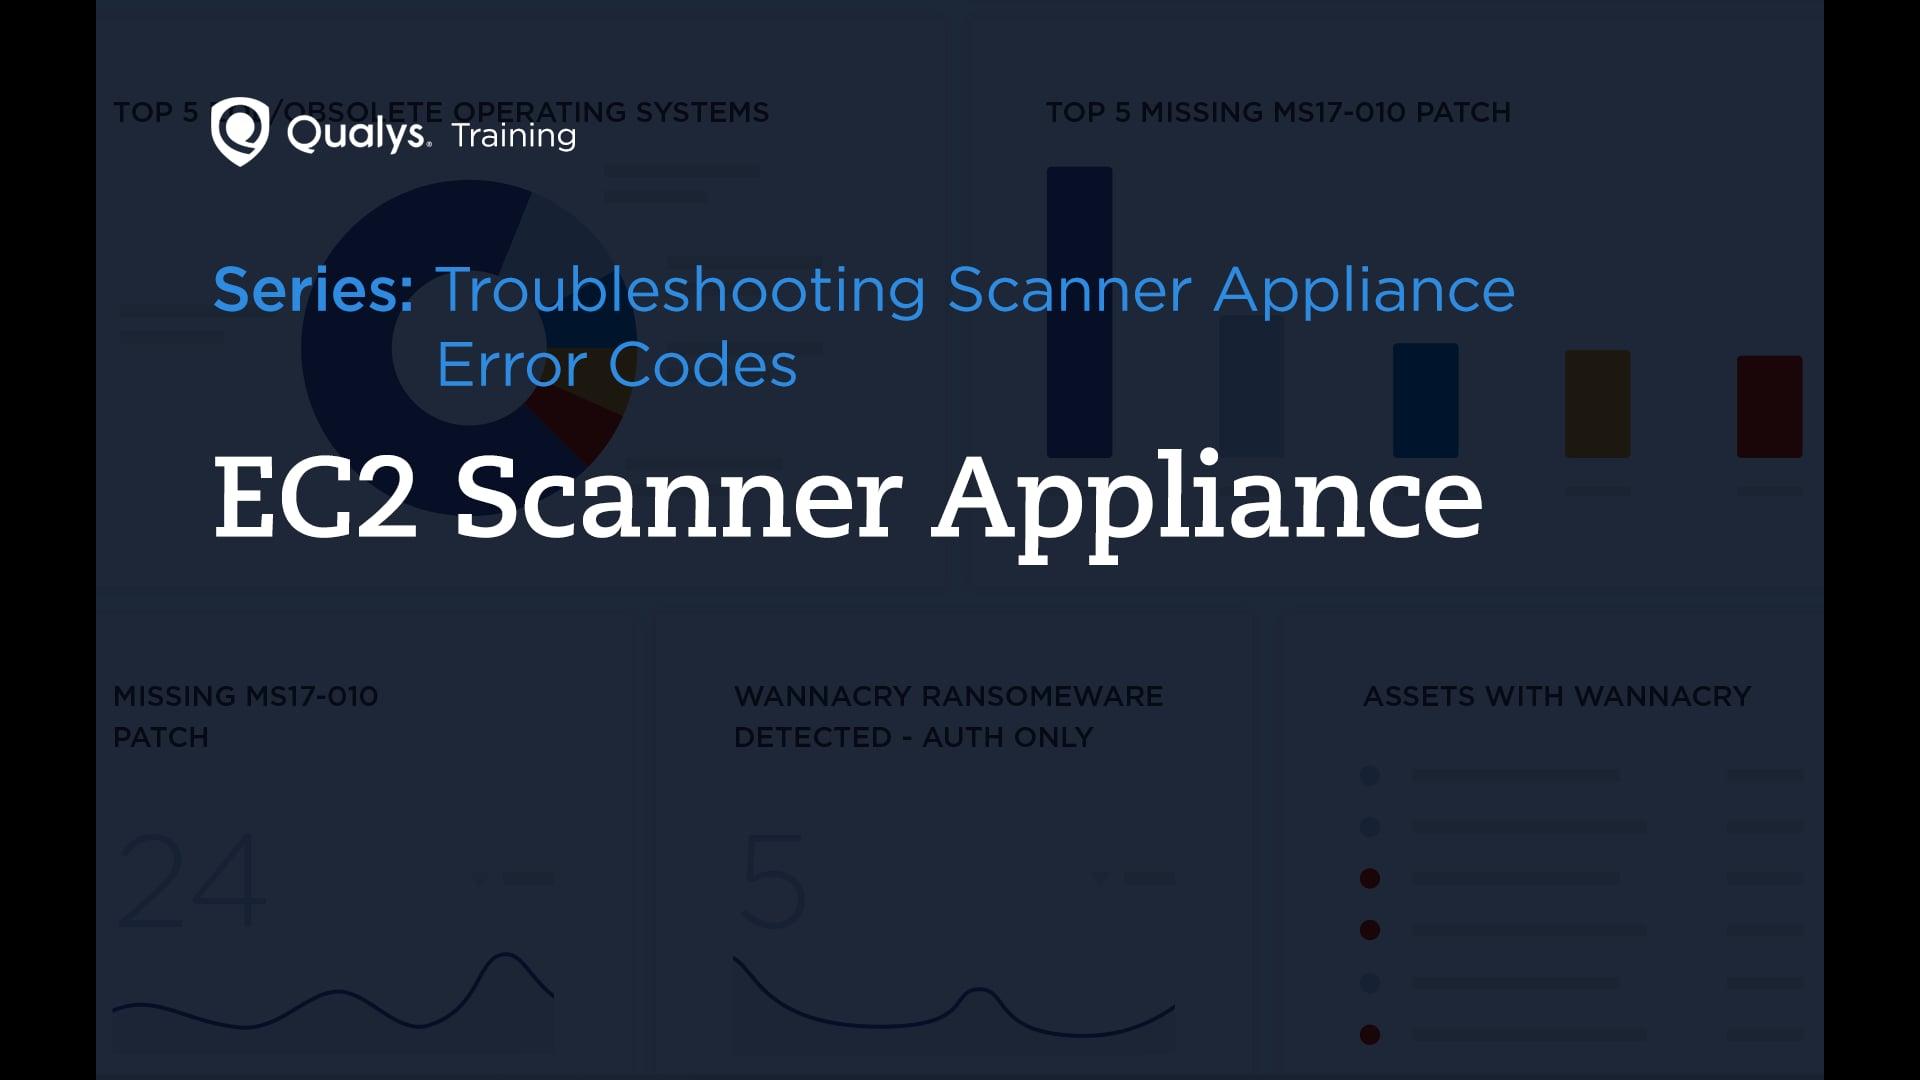 EC2 Scanner Appliance